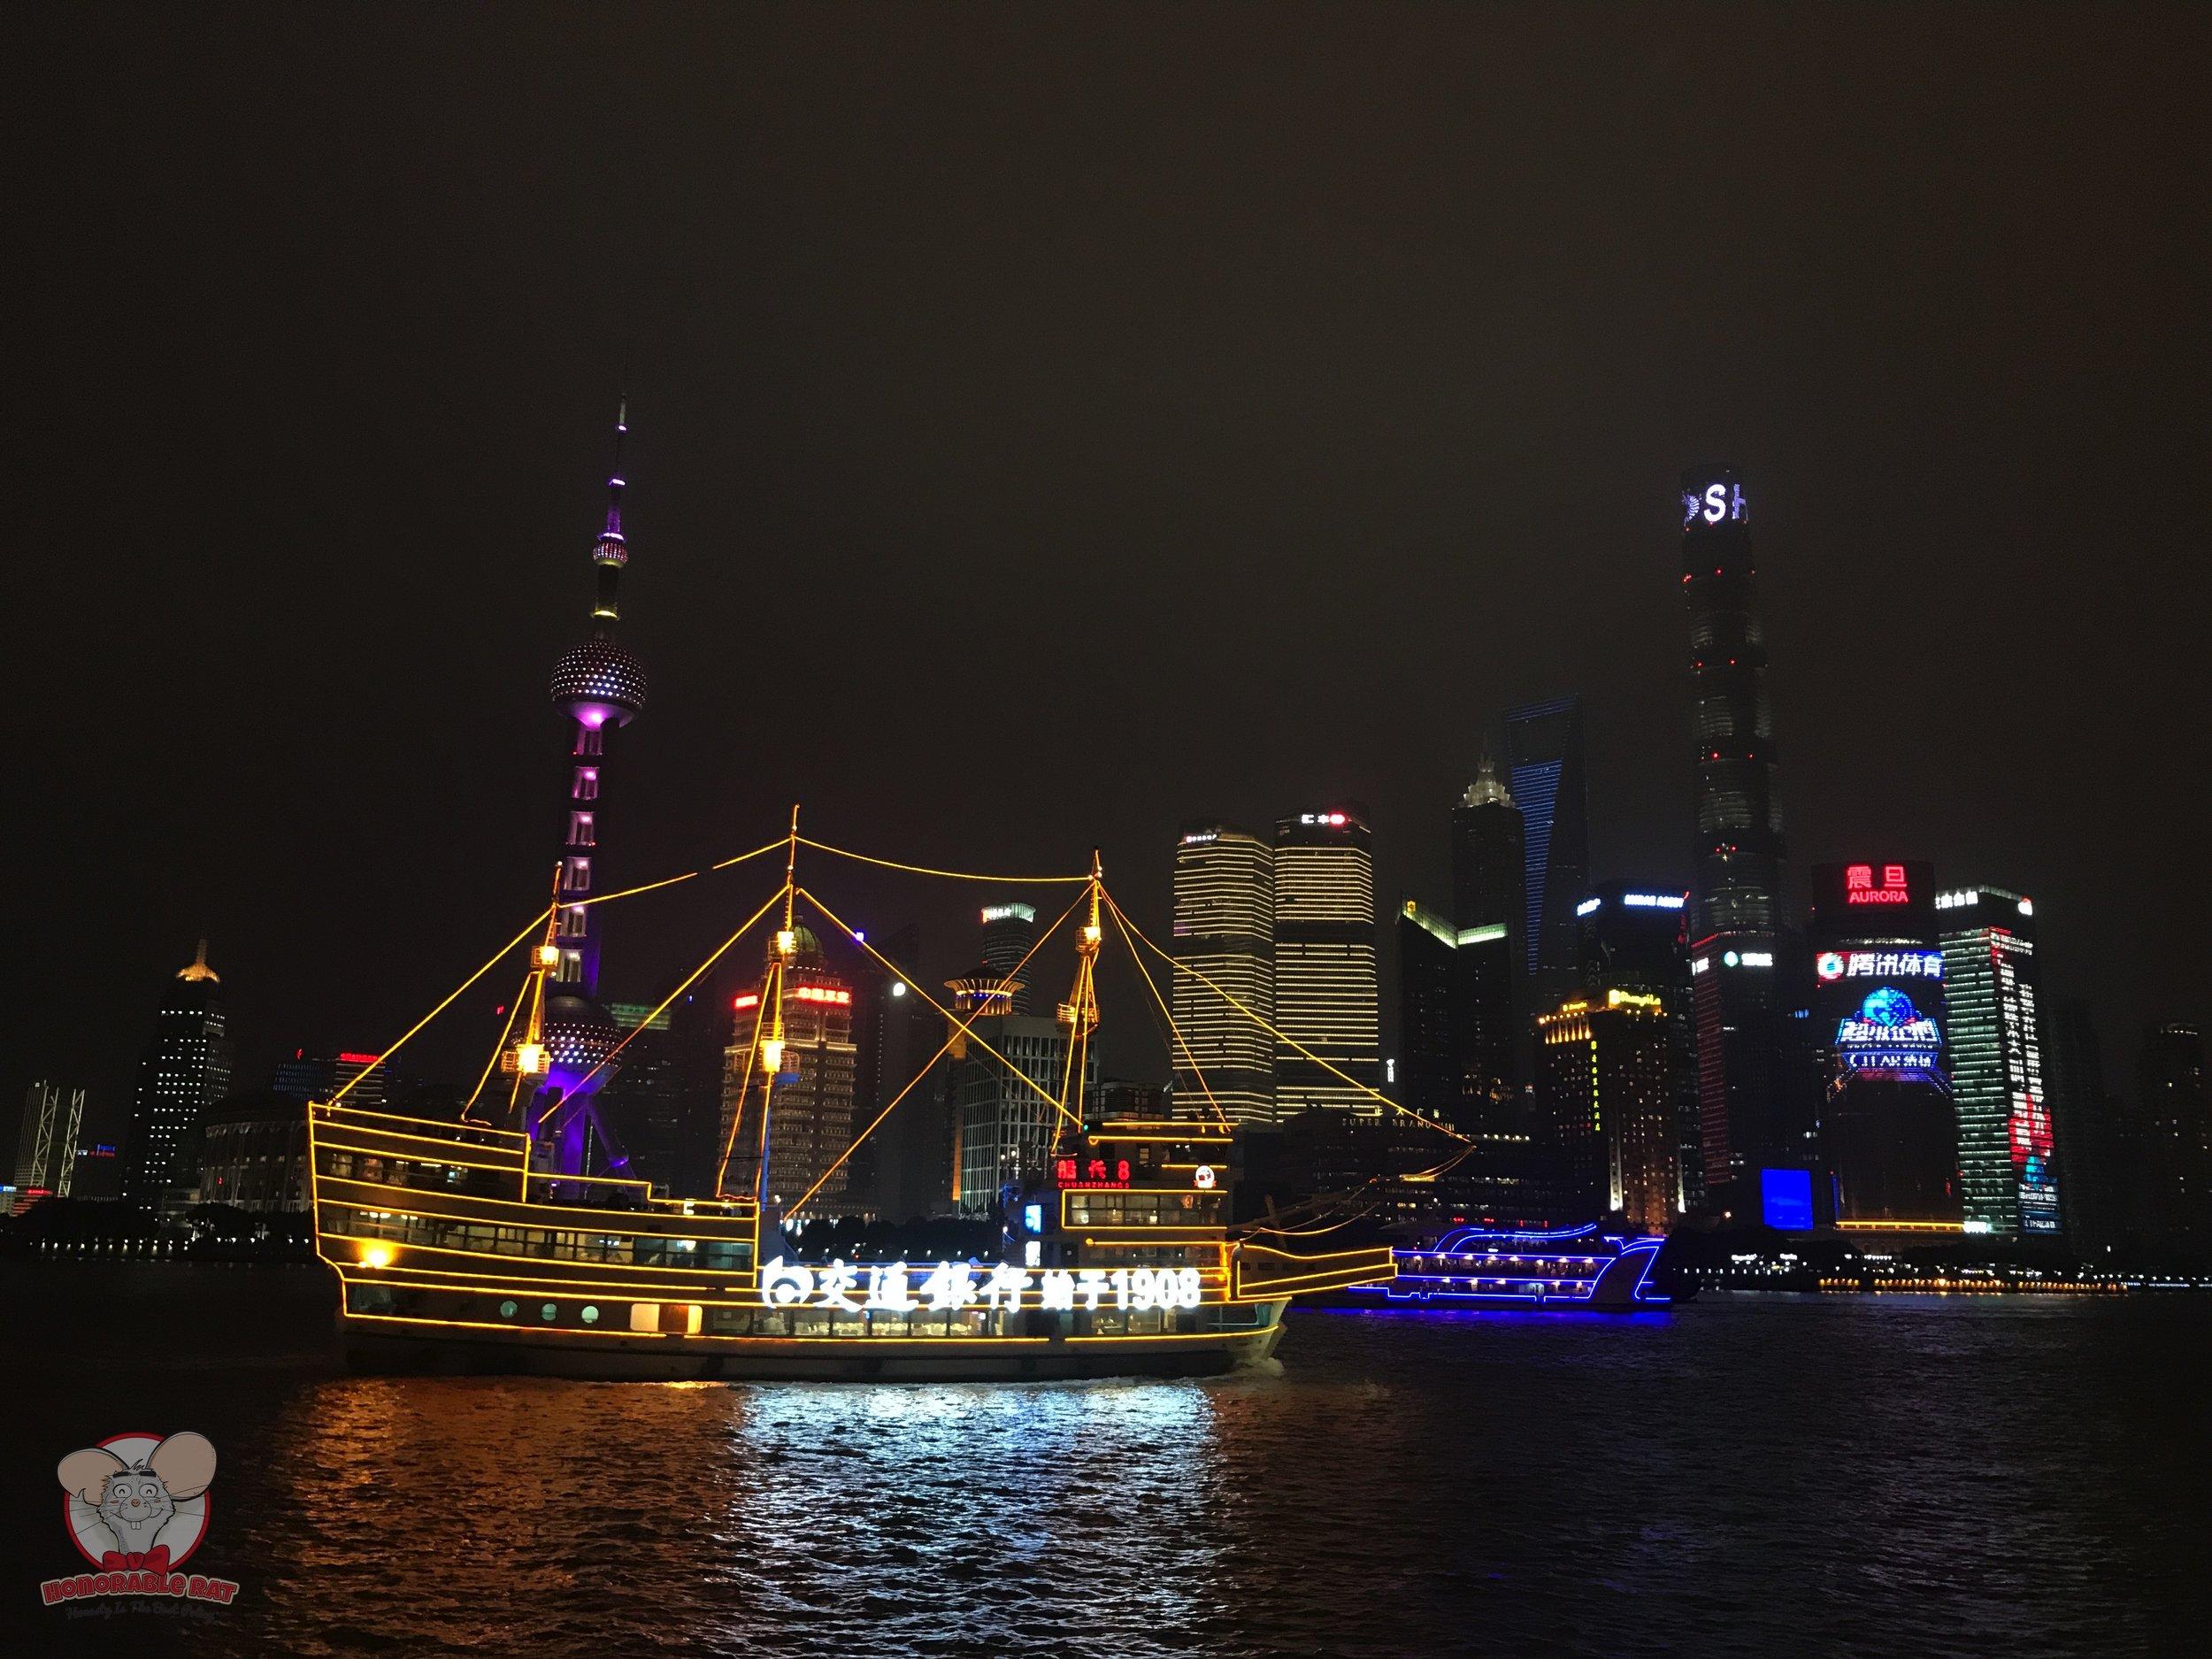 Shanghai's amazing night view